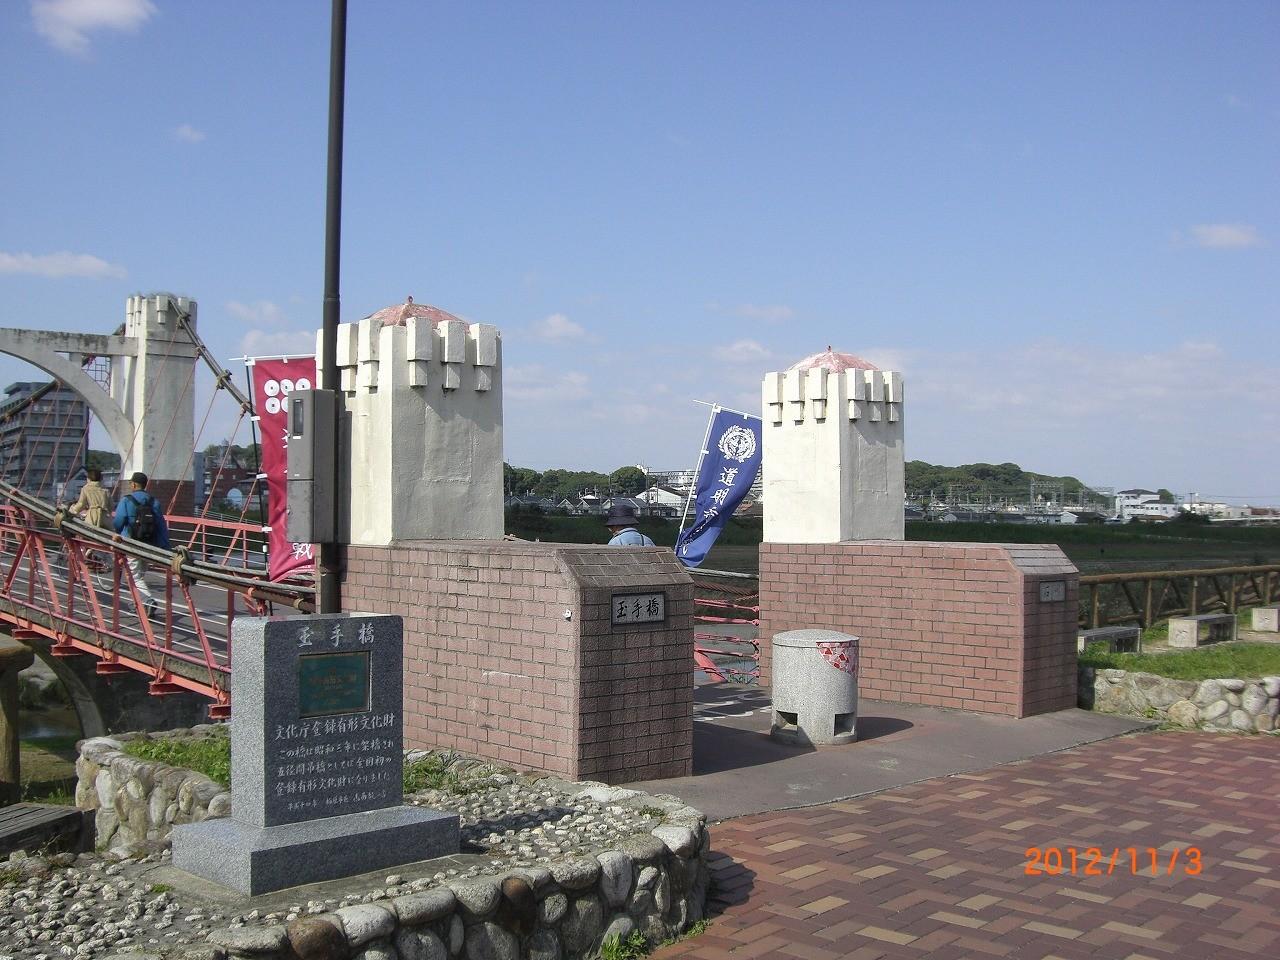 04_石川河川敷 藤井寺市と柏原市を隔てる石川。両市を結ぶ赤い石川橋